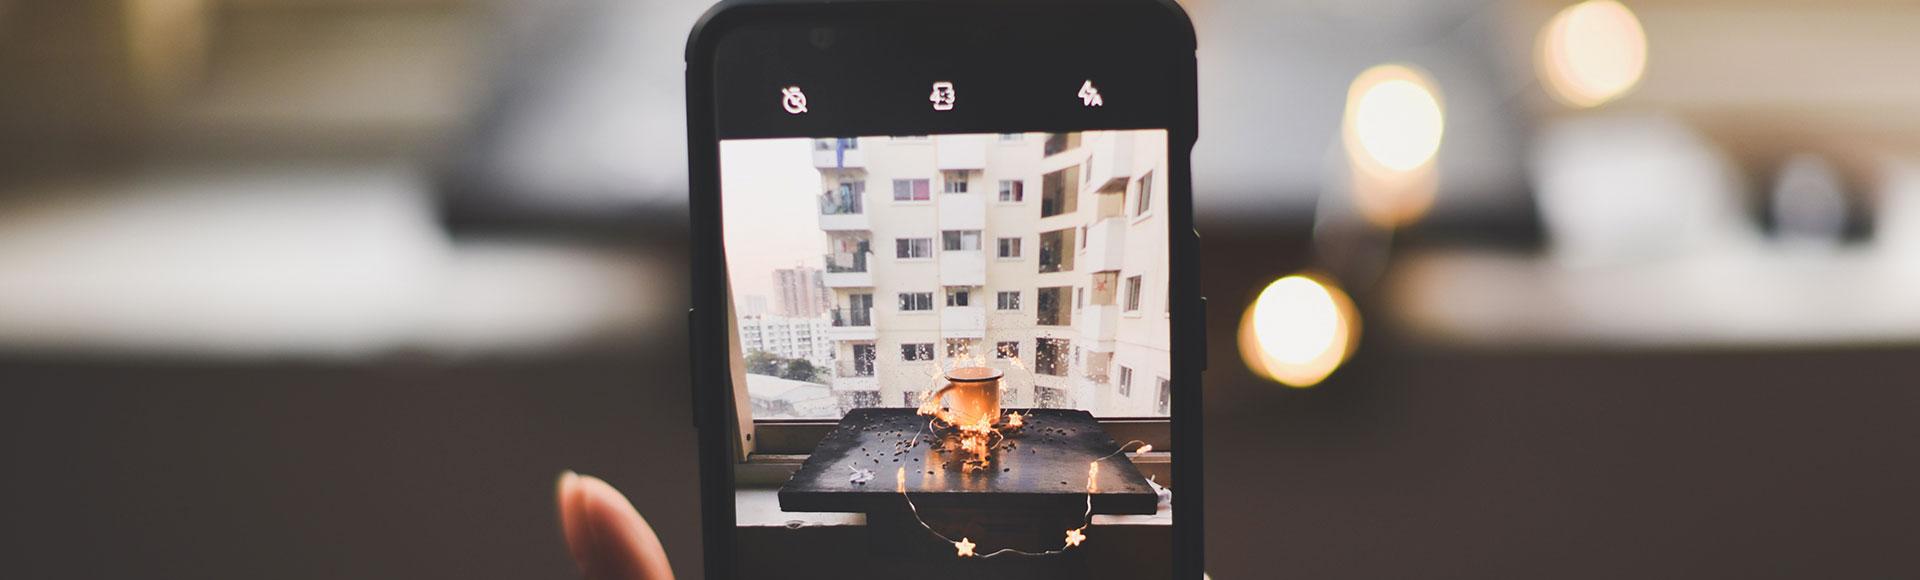 Os Novos Desafios da Produção Audiovisual